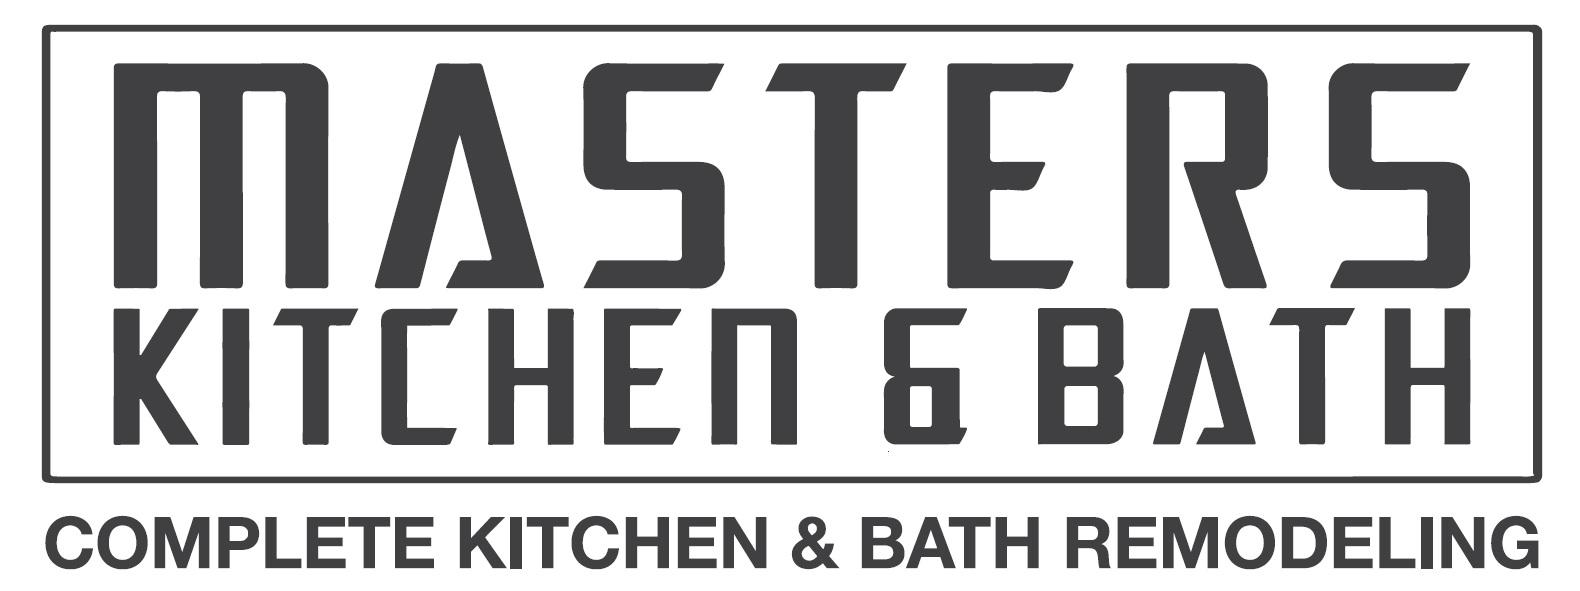 MastersKitchenBath.com